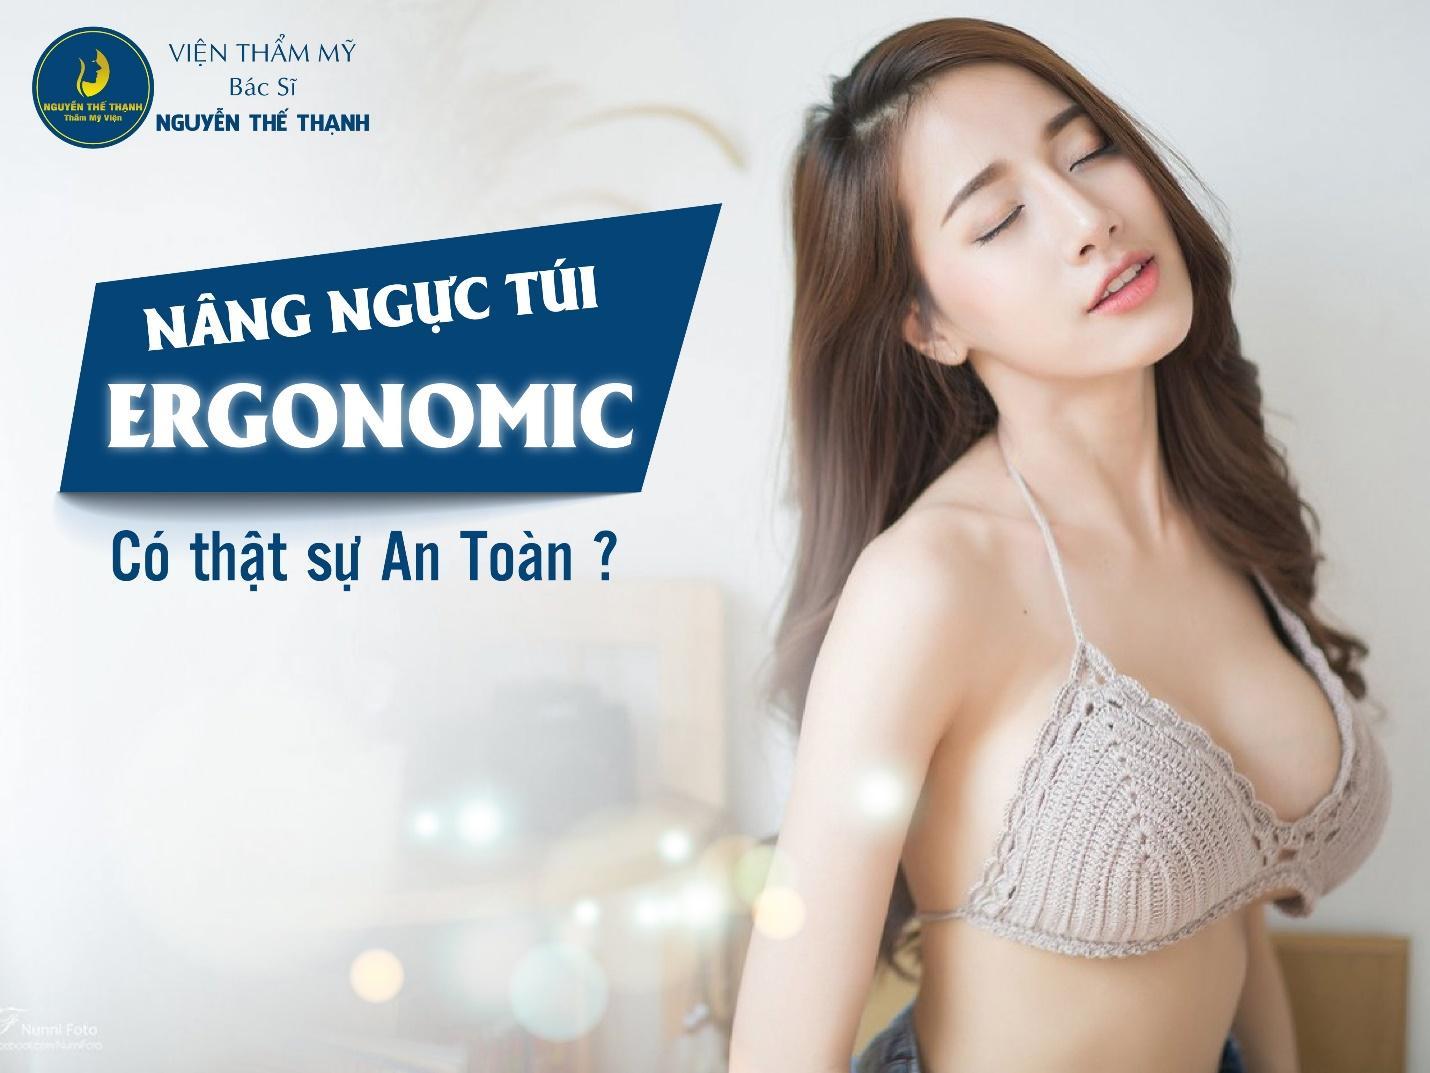 Nâng ngực túi Ergonomic có thật sự an toàn?  - Ảnh 1